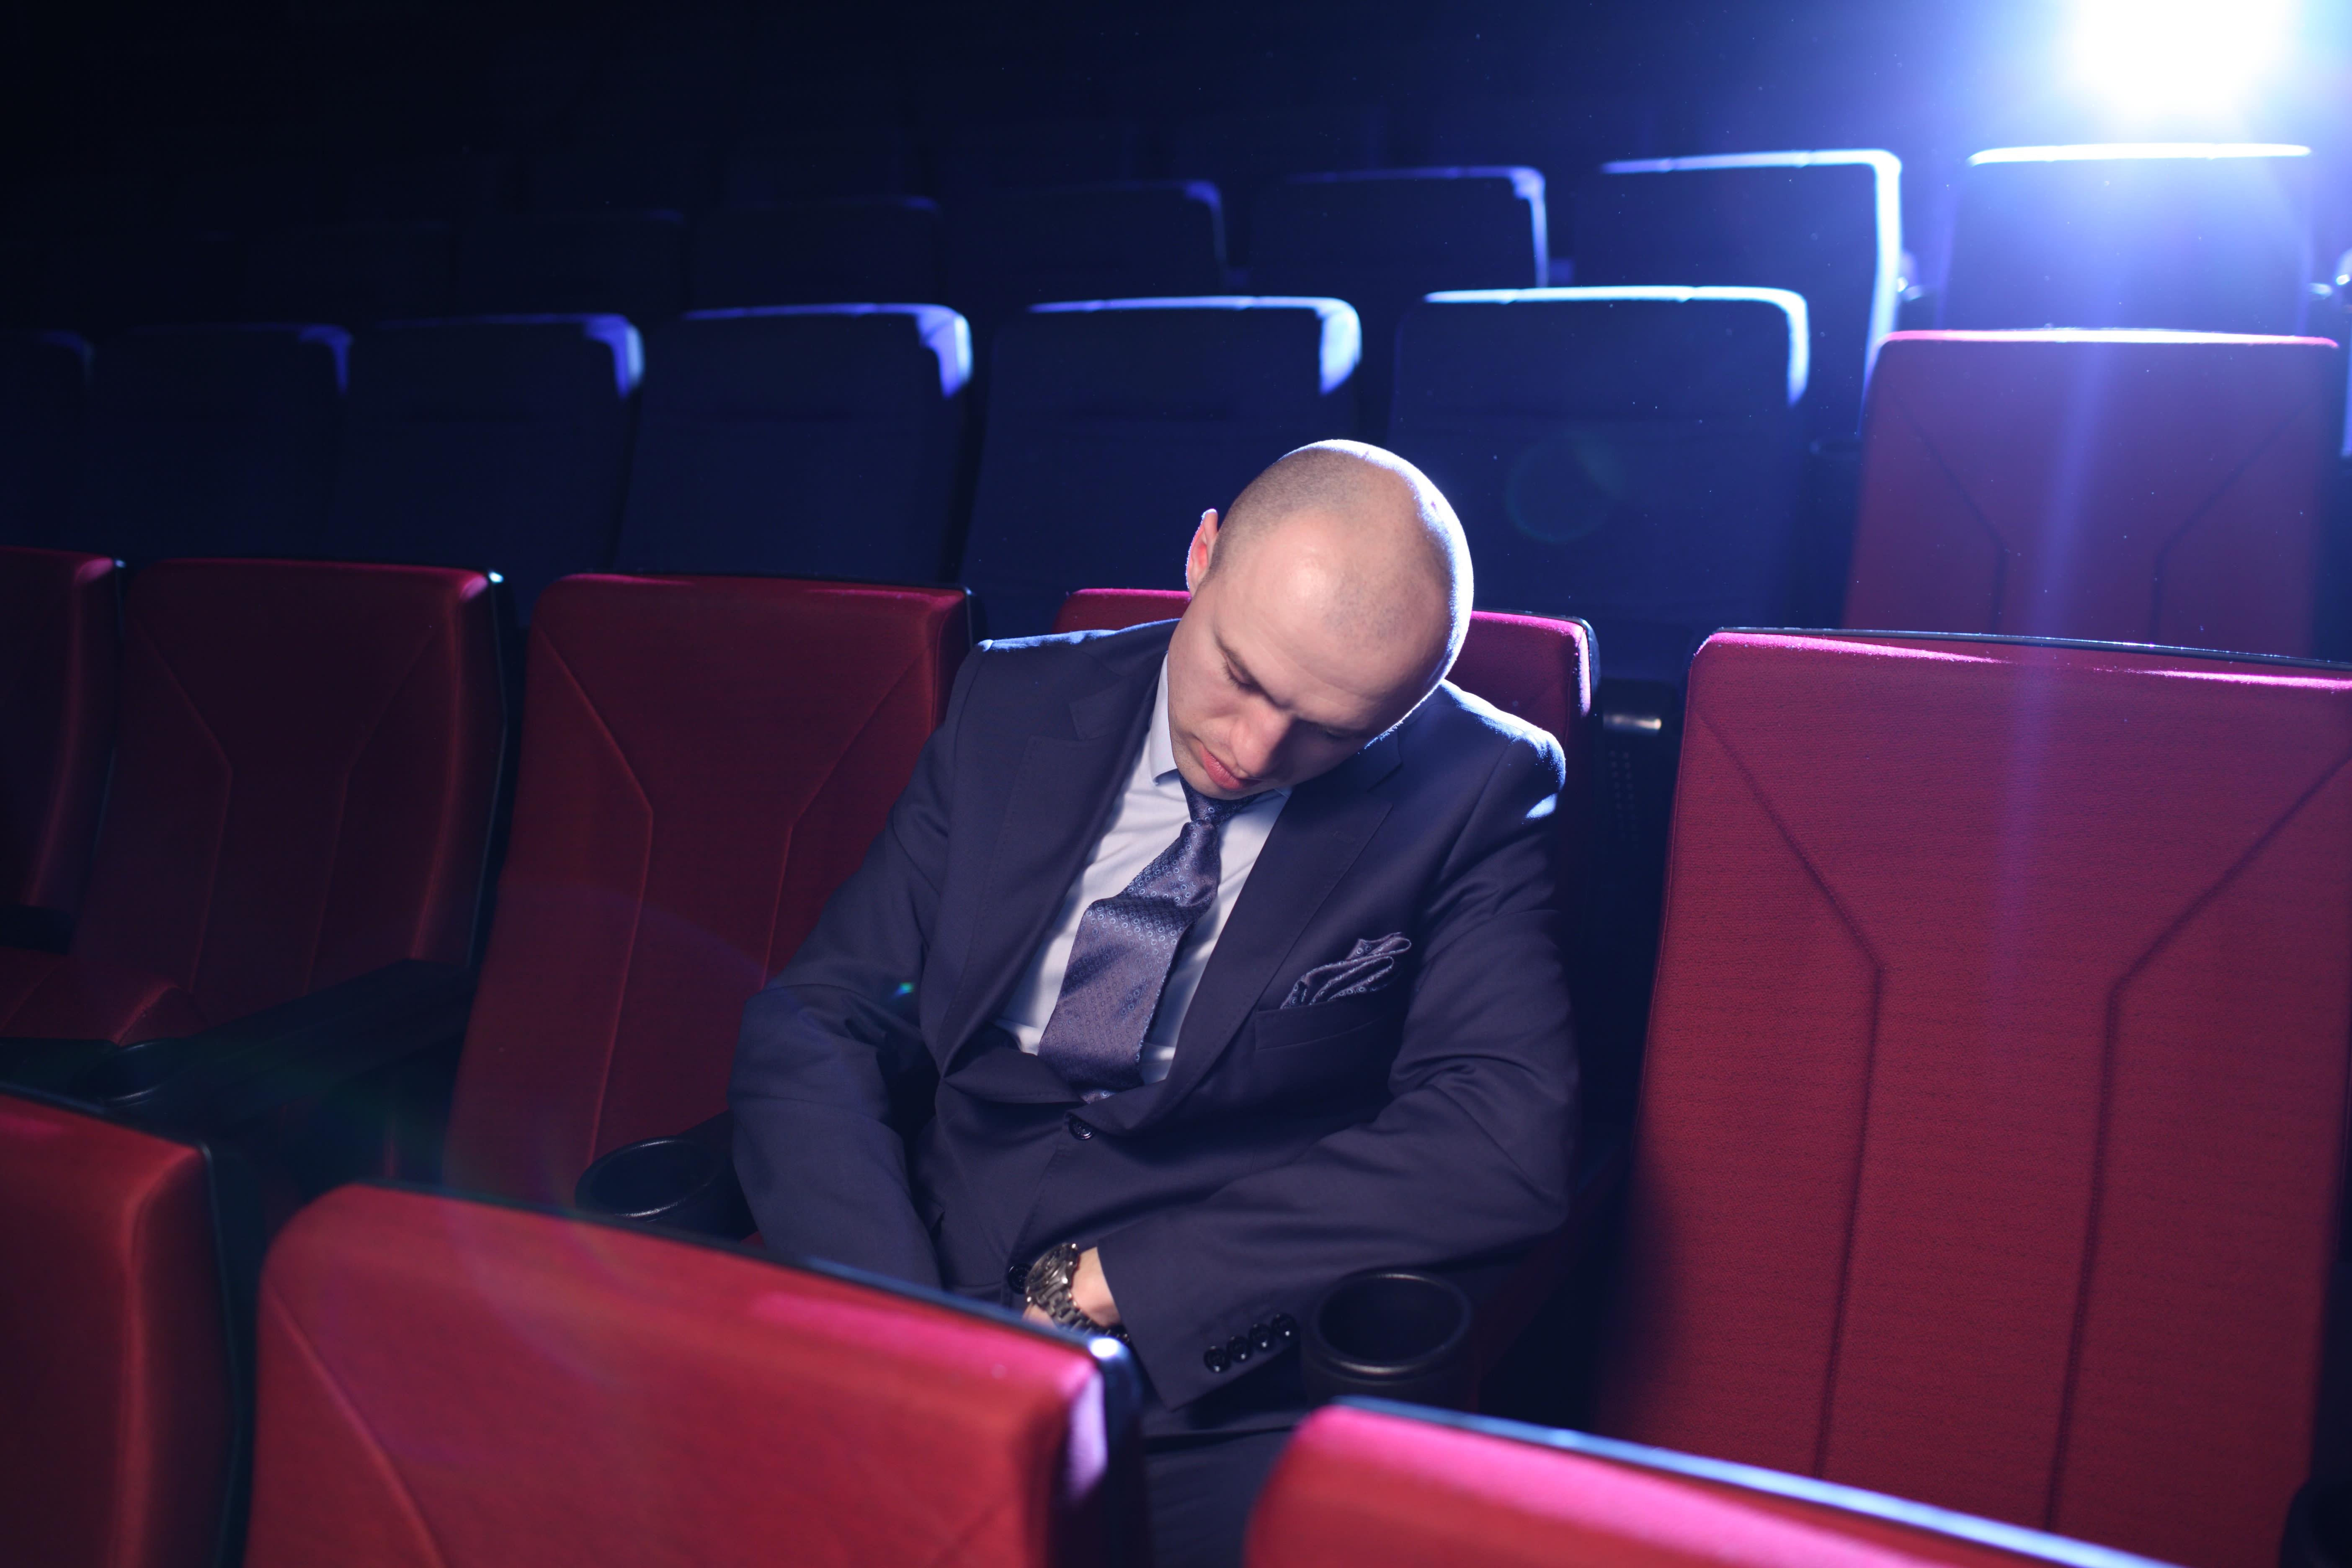 определить спящие в кино фото того понадобятся